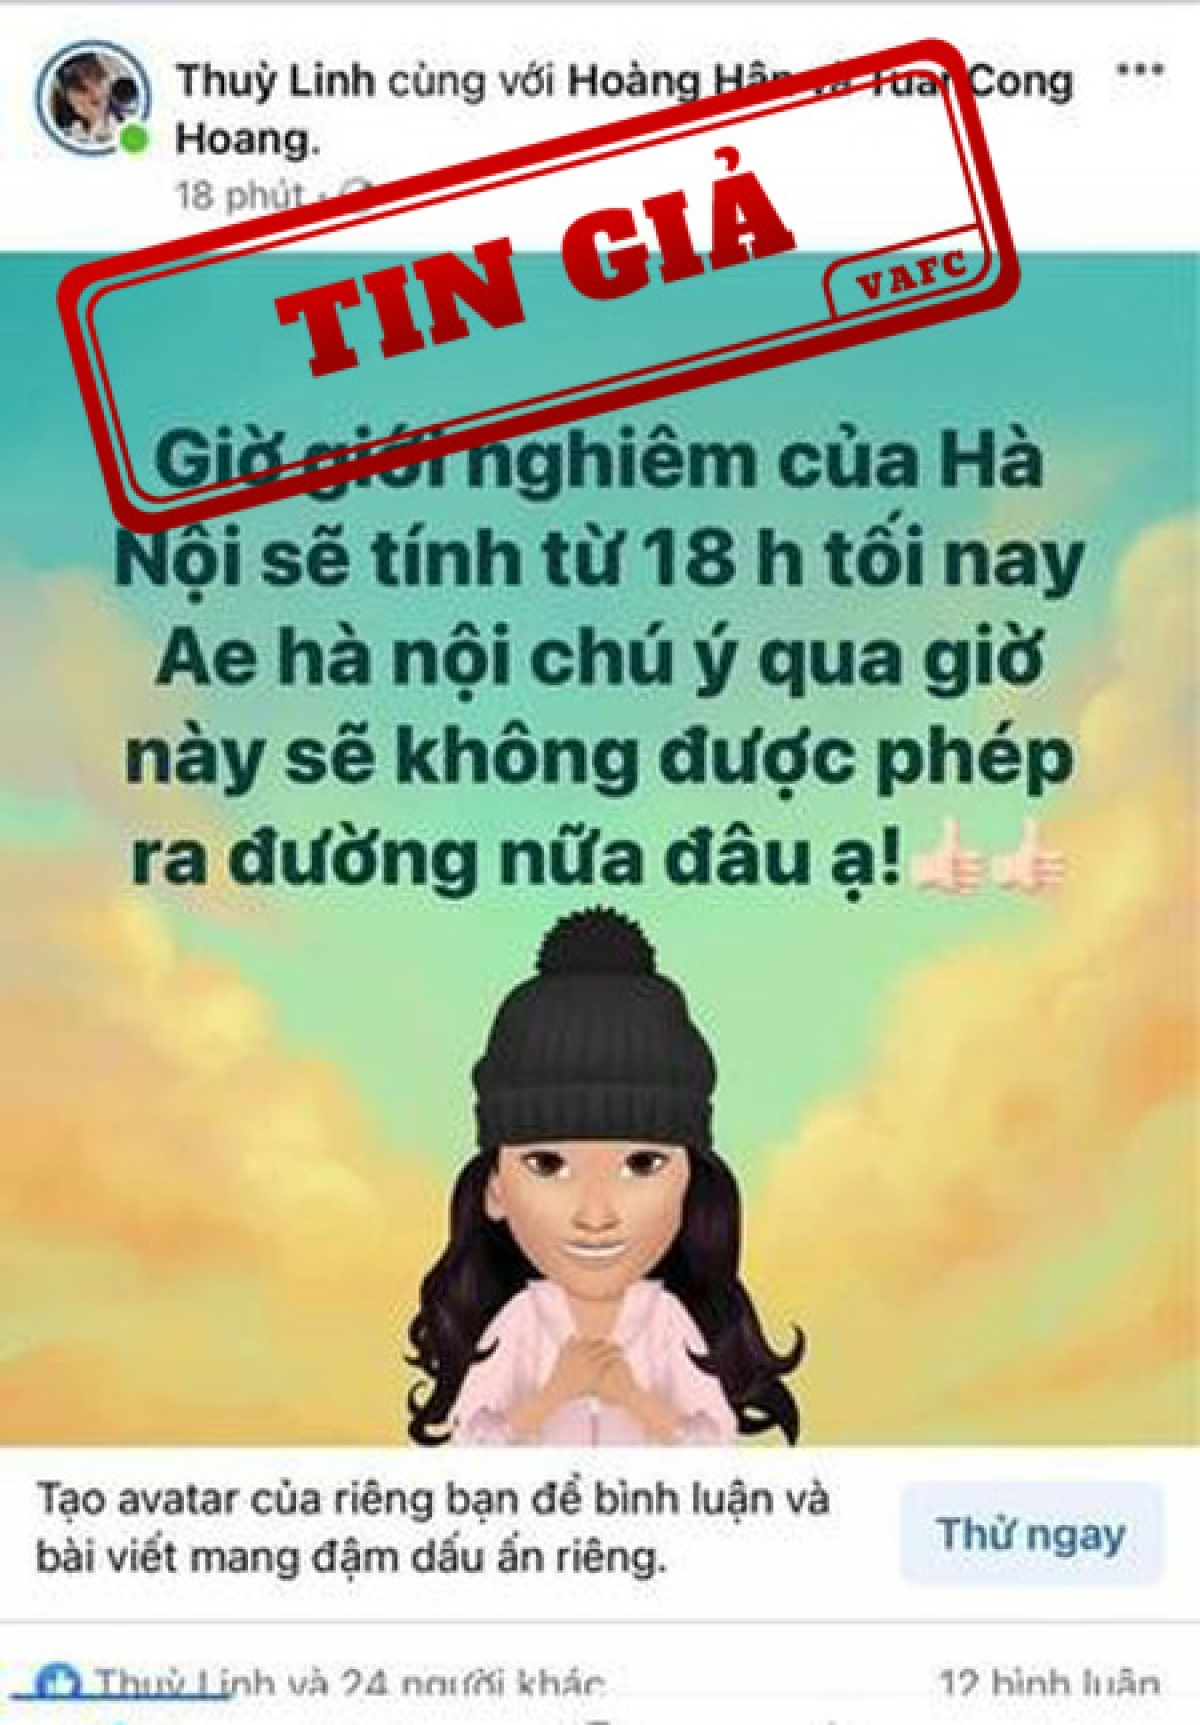 """Facebooker """"Thùy Linh"""" đăng tải thông tin """"Giờ giới nghiêm của Hà Nội sẽ tính từ 18h tối nay""""."""